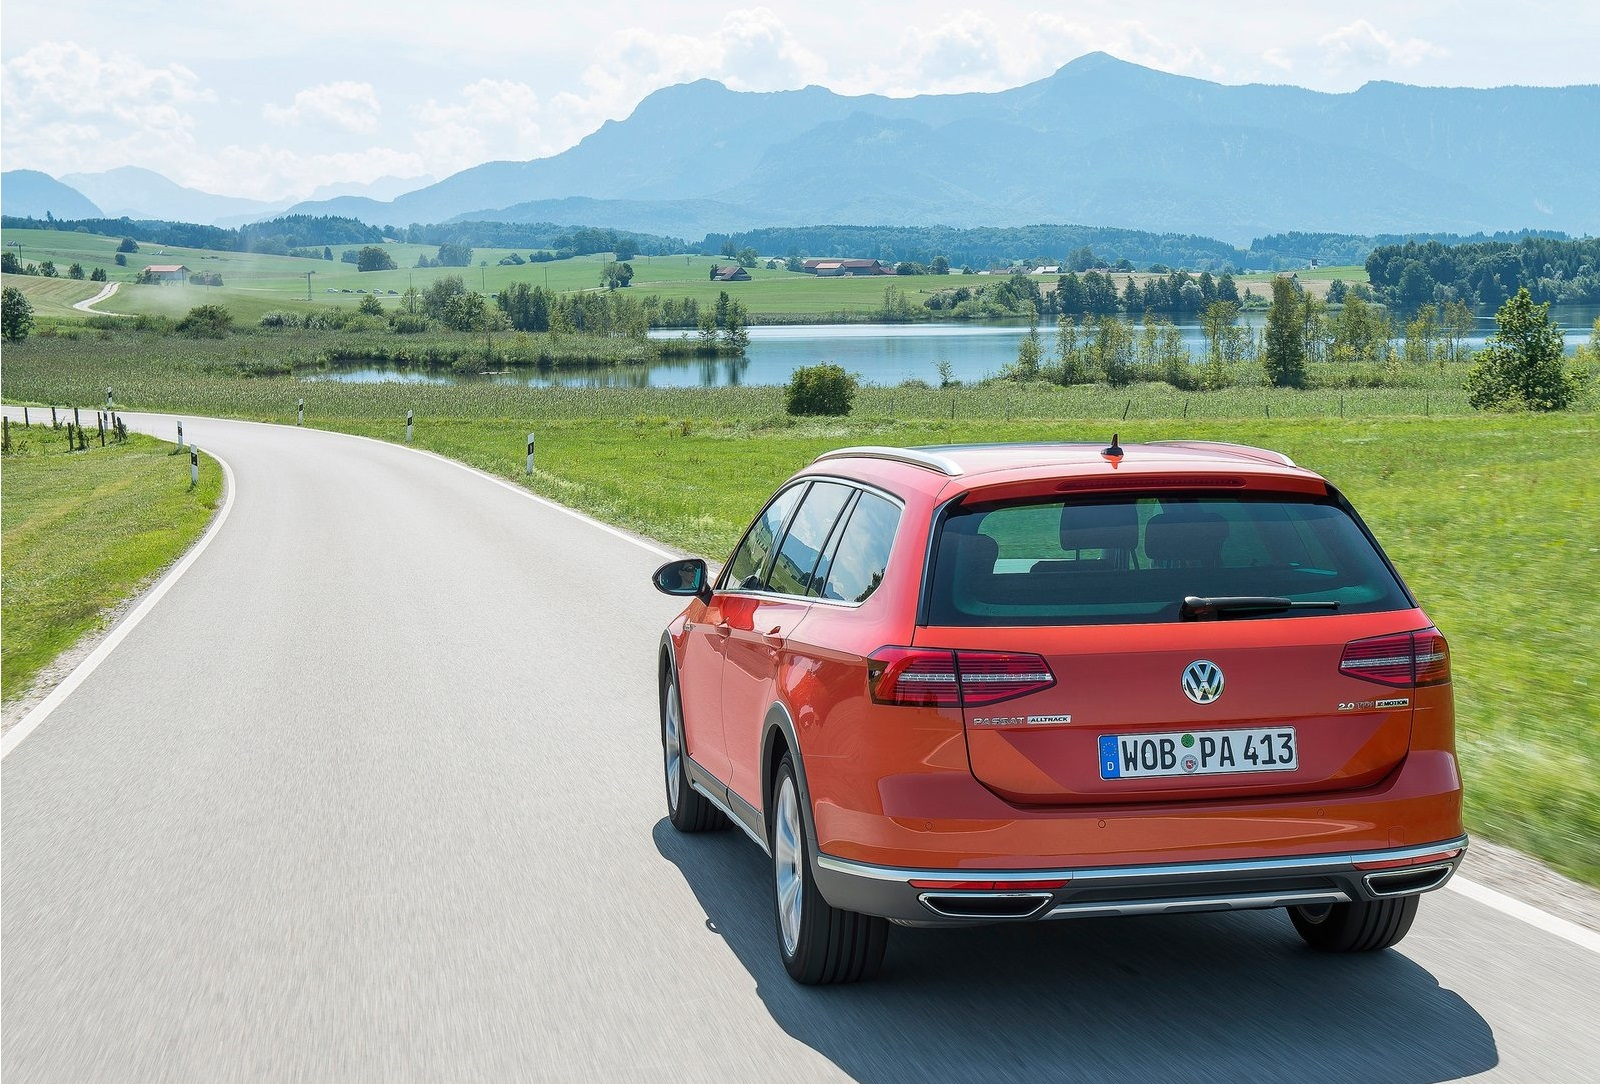 2016 Volkswagen Passat Alltrack Test (View 8 of 18)